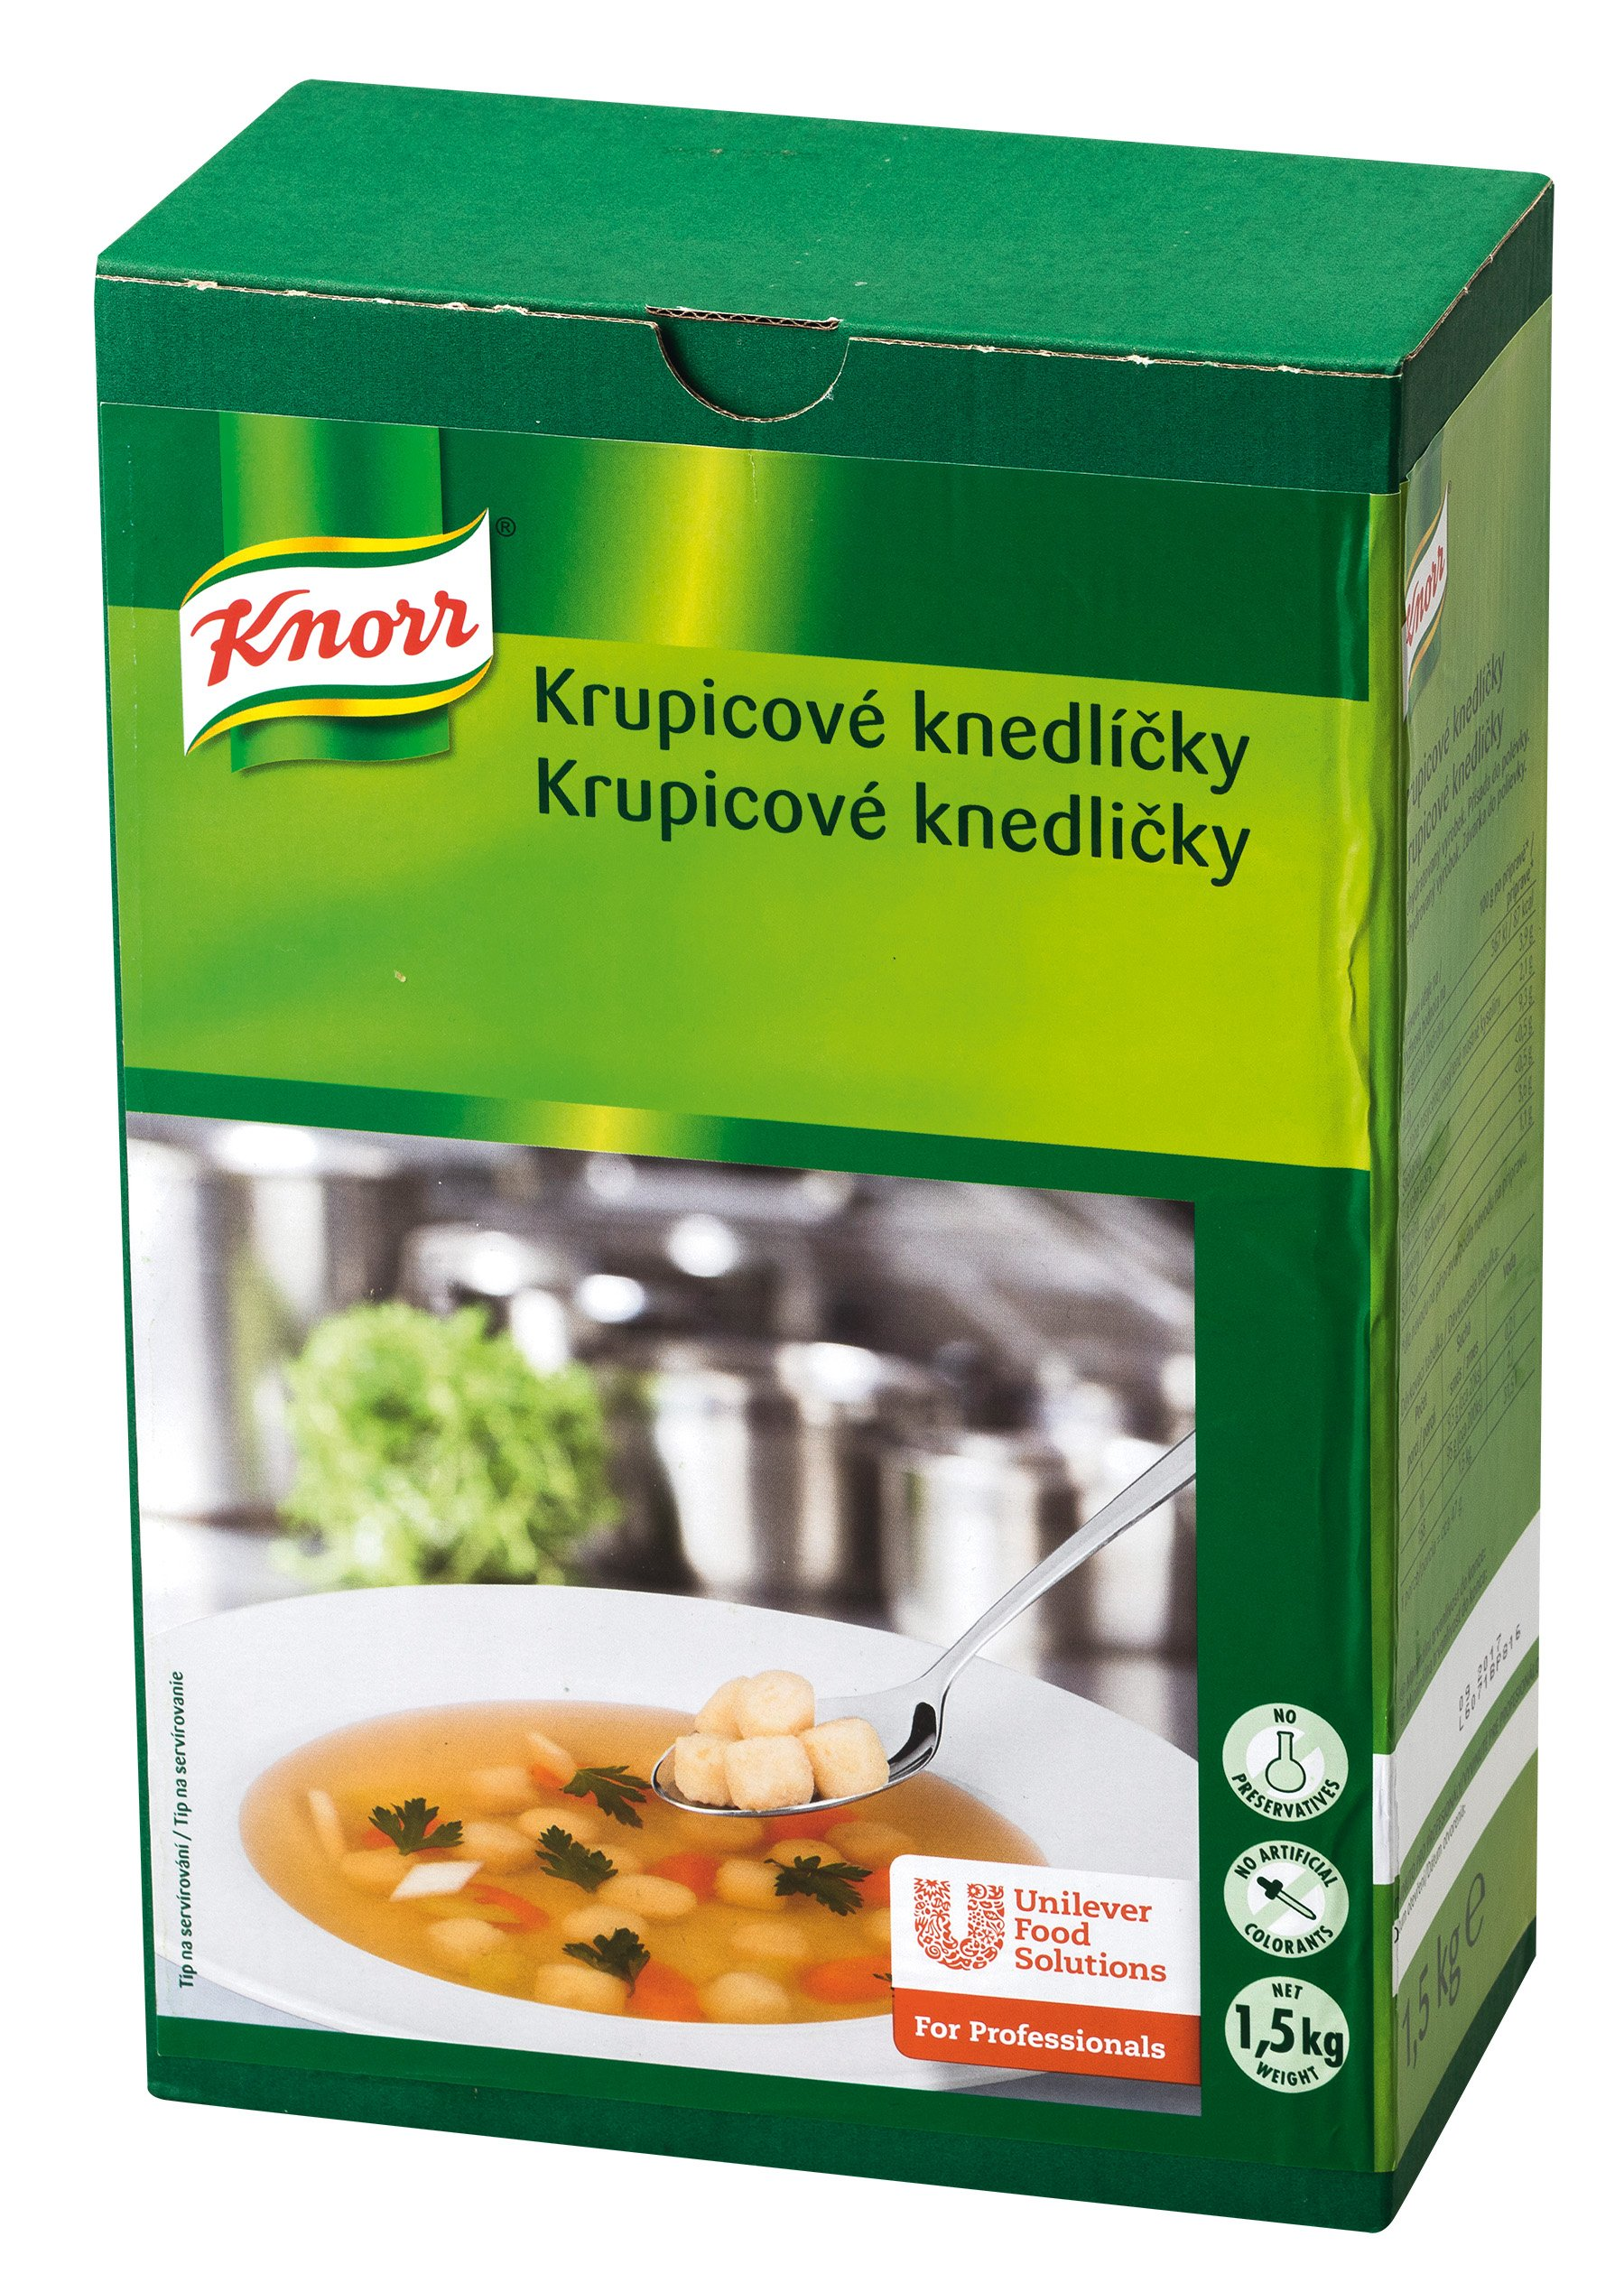 Knorr Krupicové knedlíčky 1,5 kg